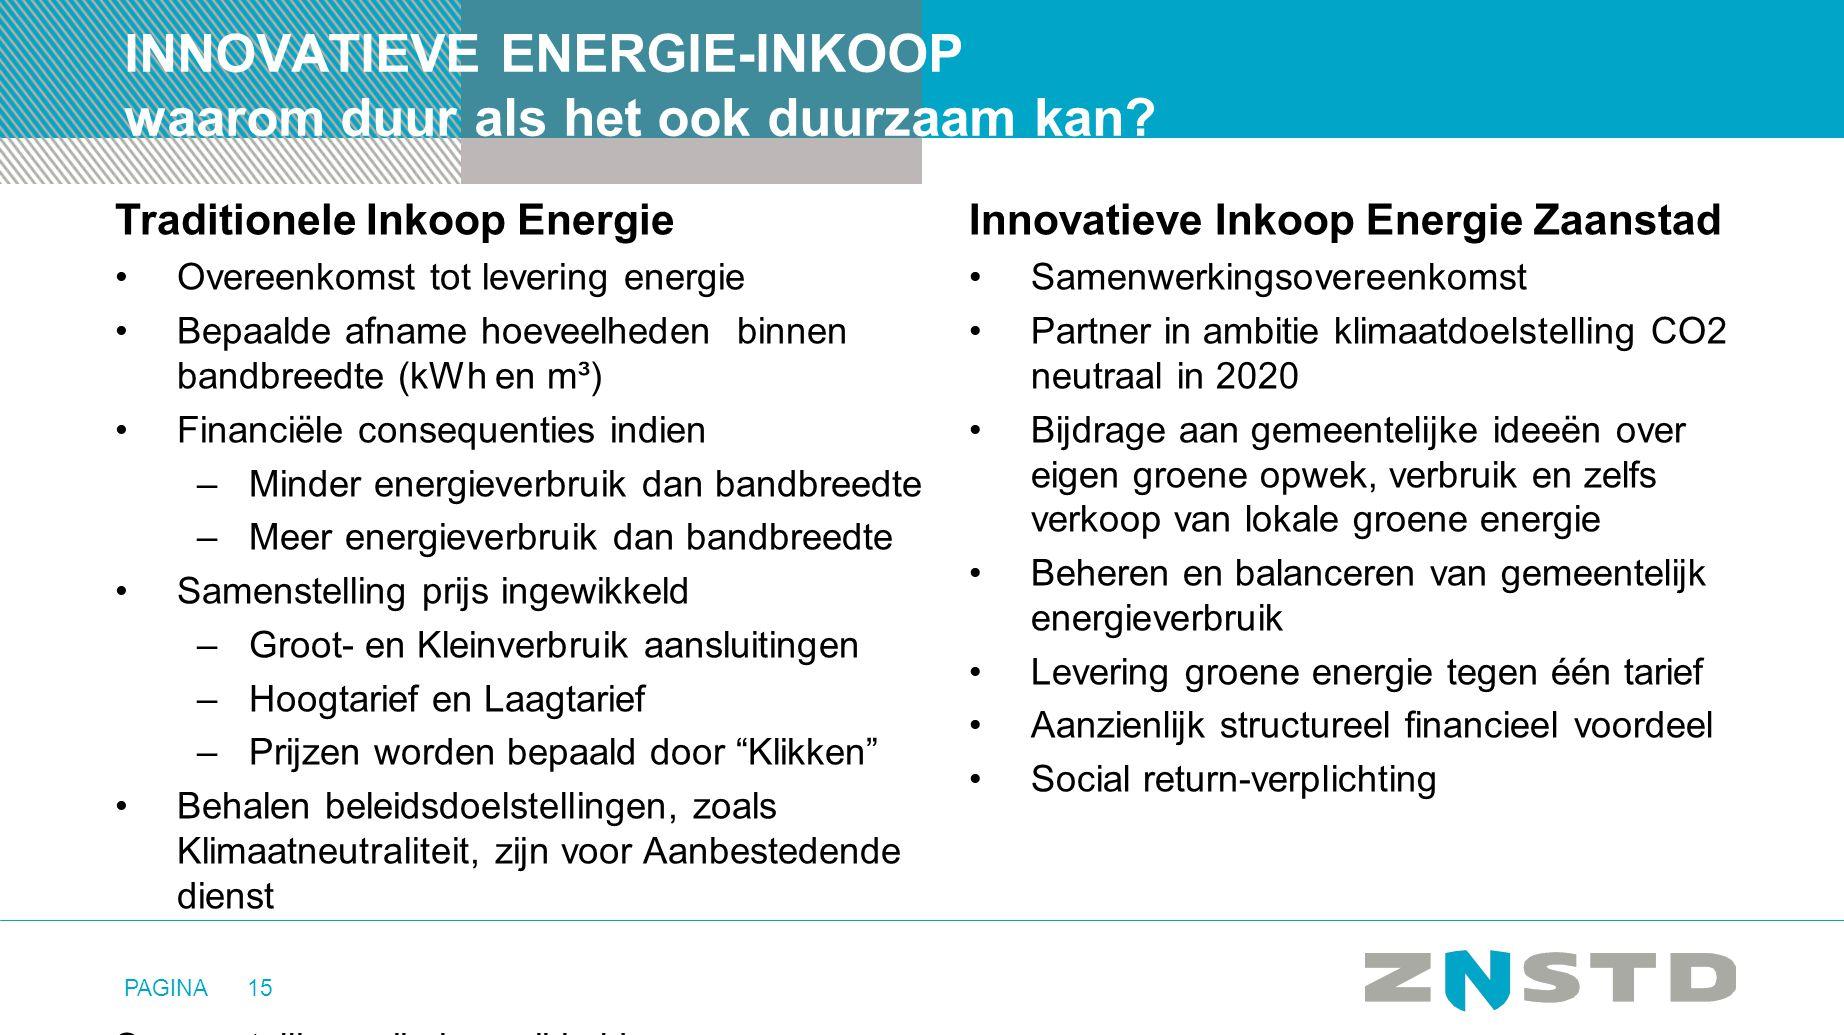 PAGINA15 INNOVATIEVE ENERGIE-INKOOP waarom duur als het ook duurzaam kan.